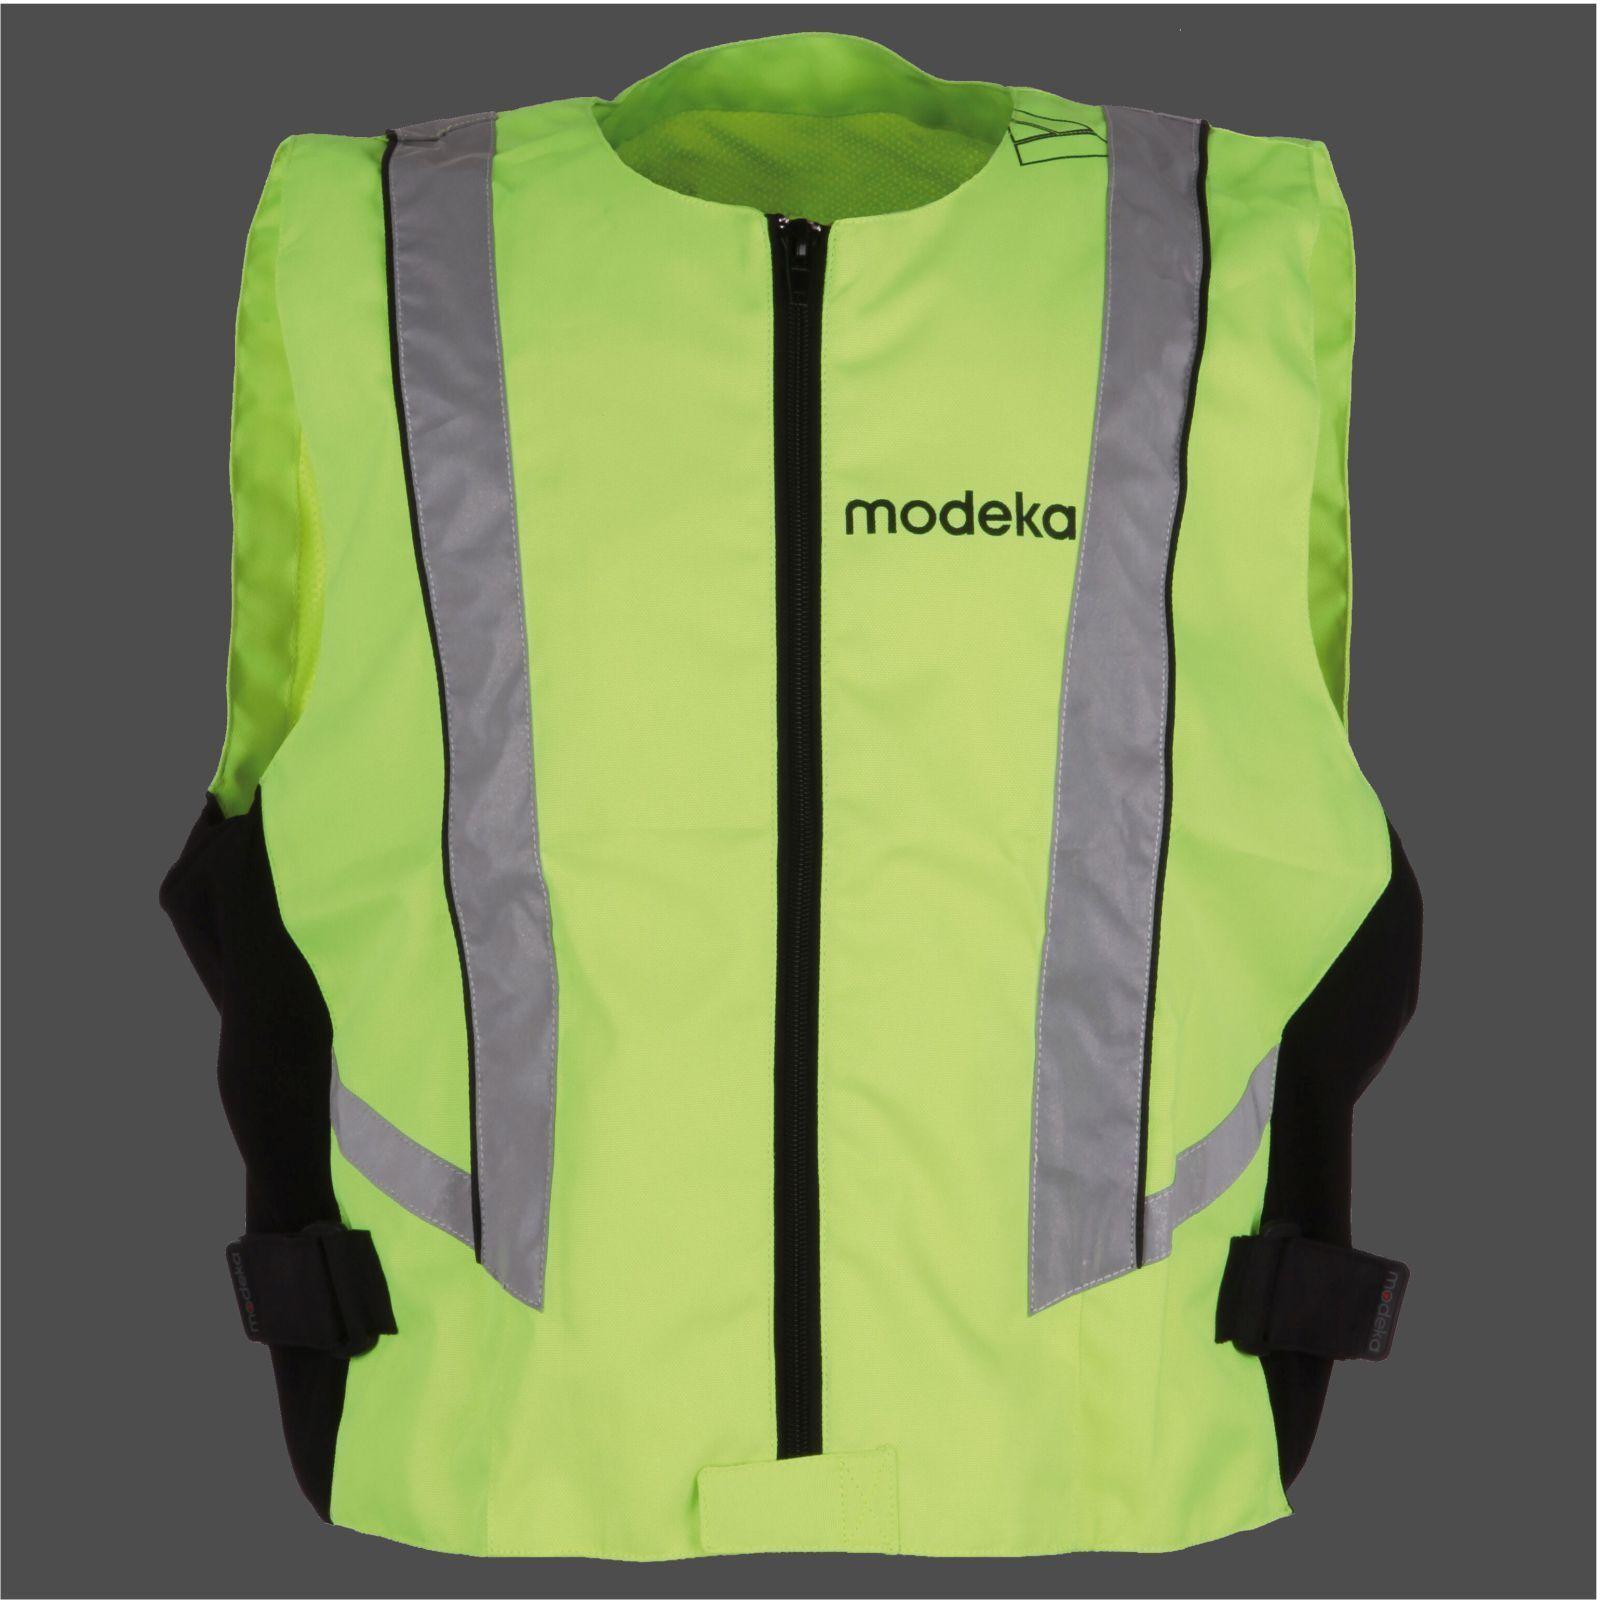 MODEKA Motorrad Roller Warnweste Sicherheitsweste Reißverschluss StretchSeitlich